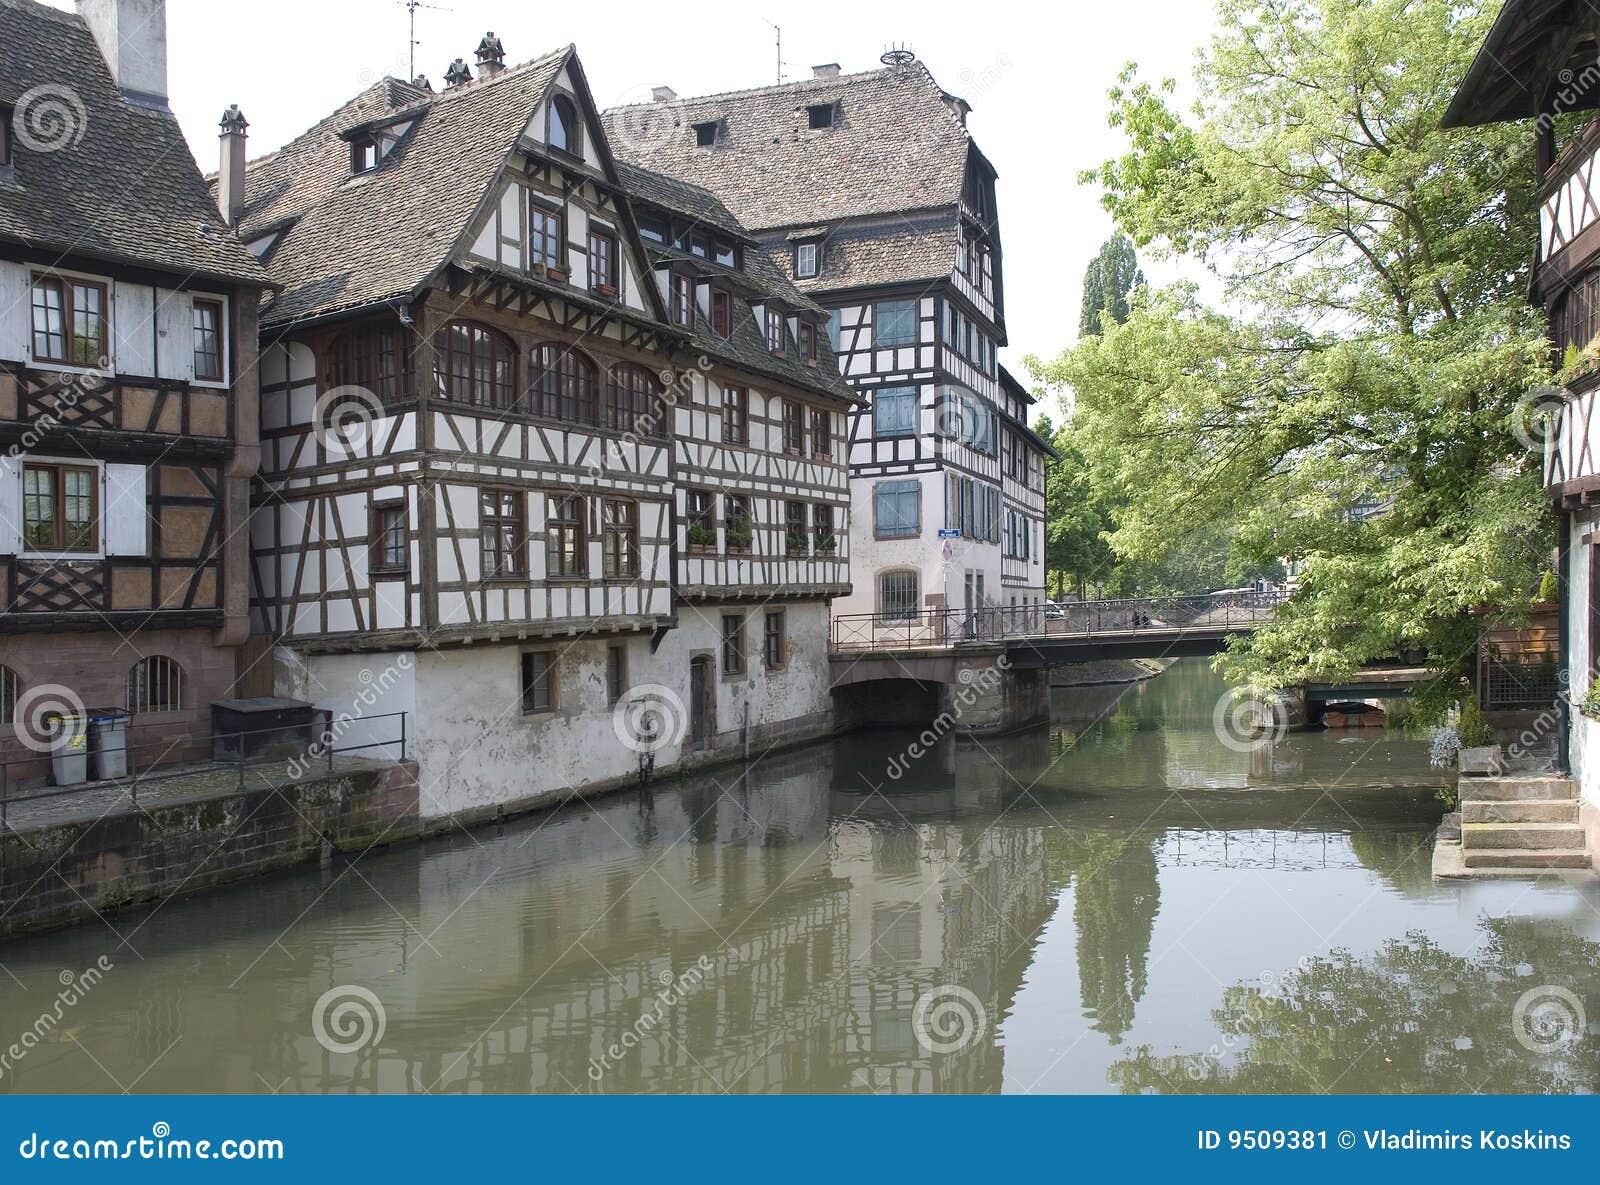 La francia strasburgo case antiche immagine stock for Case giapponesi antiche